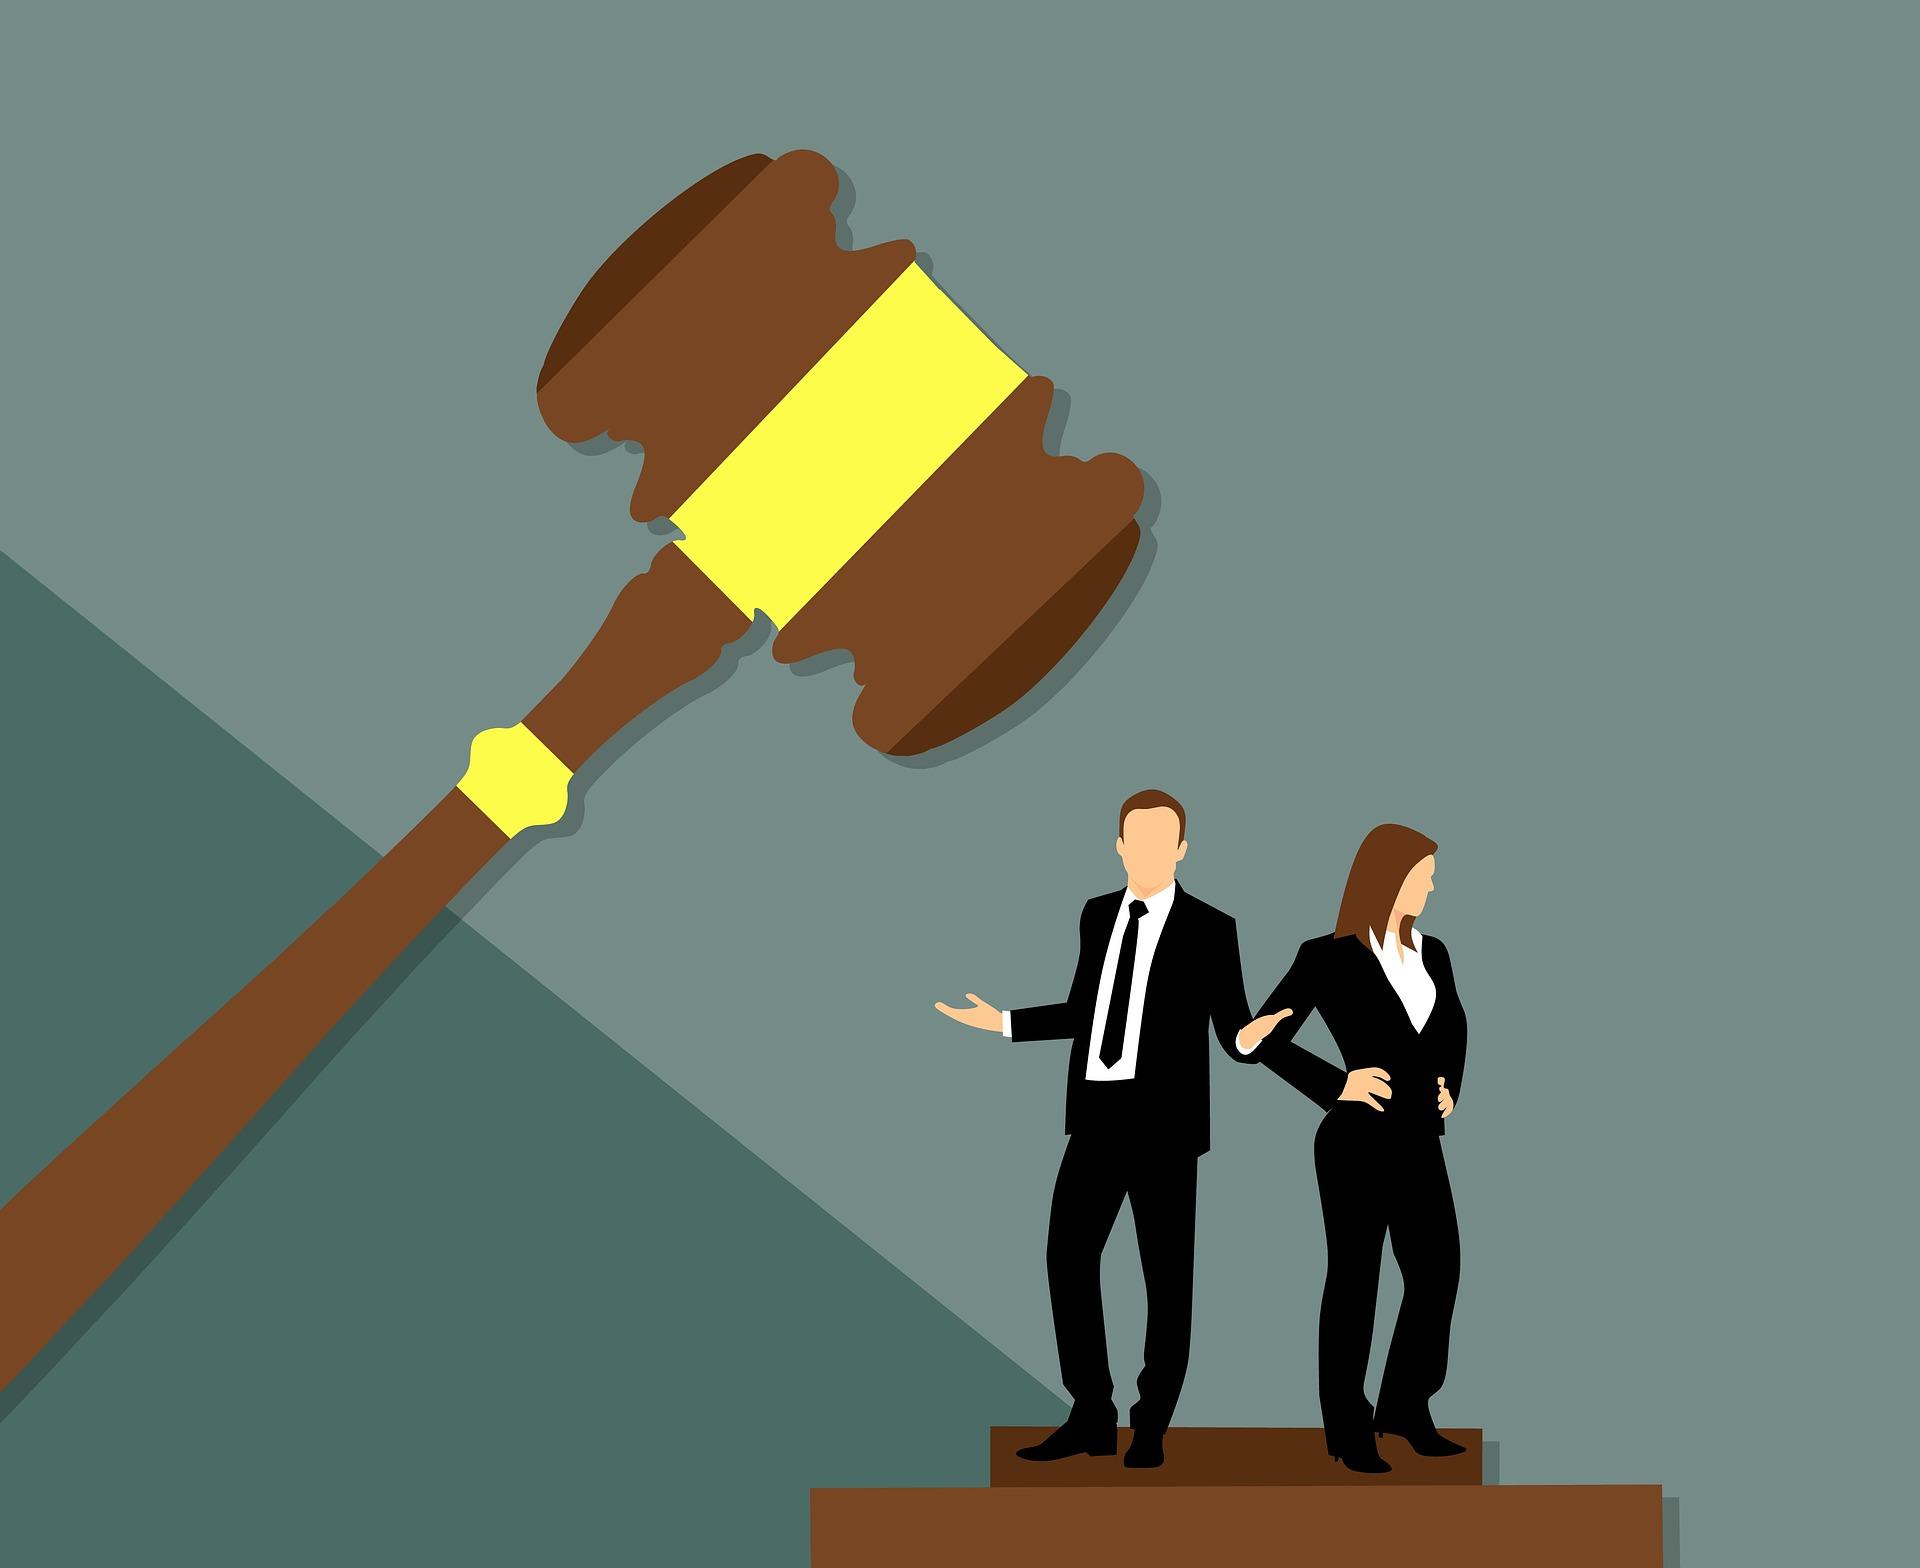 شرايط آزمون کارآموزی کانون وکلا دادگستری 99 و اخذ پروانه كارآموزي وكالت